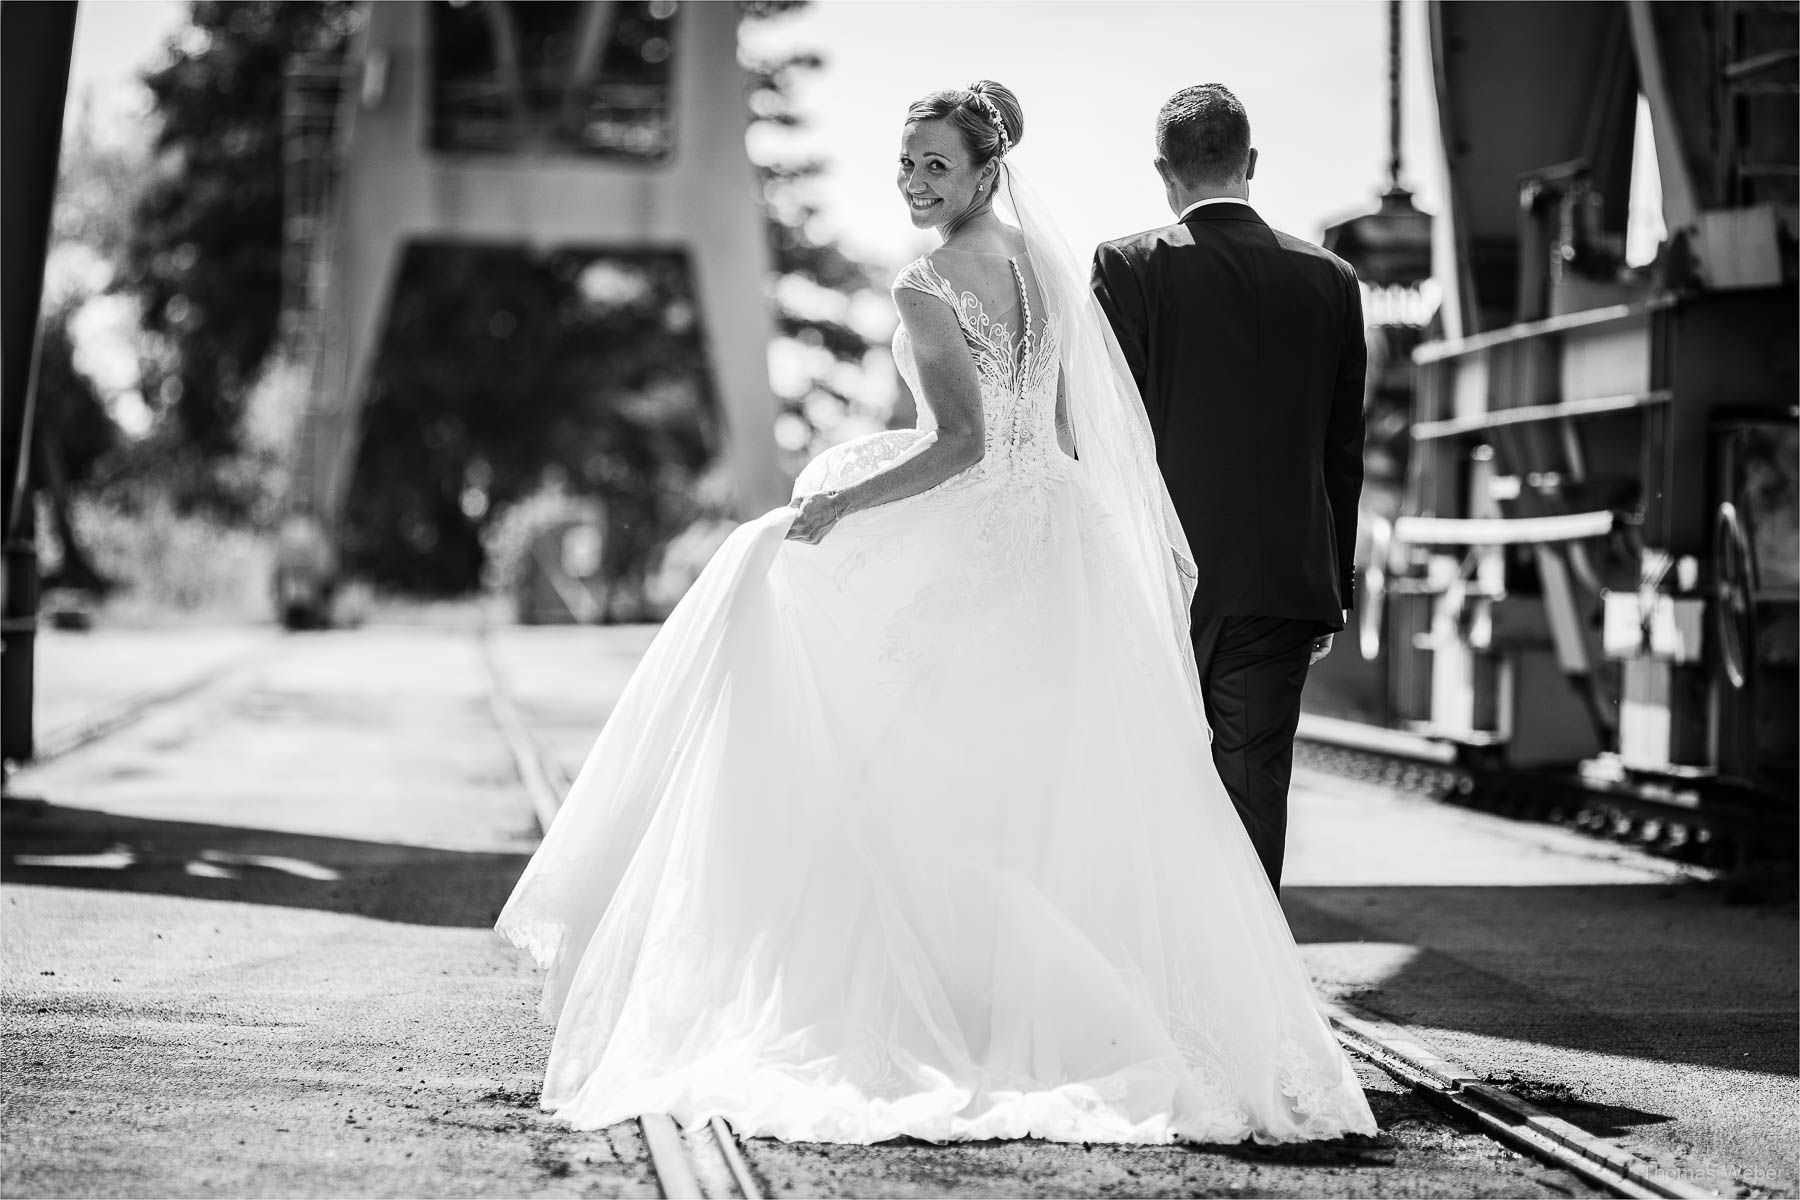 Hochzeitsfotos und Hochzeitsporträts des Hochzeitspaares, Kirchliche Hochzeit in Rastede und Hochzeitsfeier in der Scheune St. Georg Rastede, Hochzeitsfotograf Thomas Weber aus Oldenburg